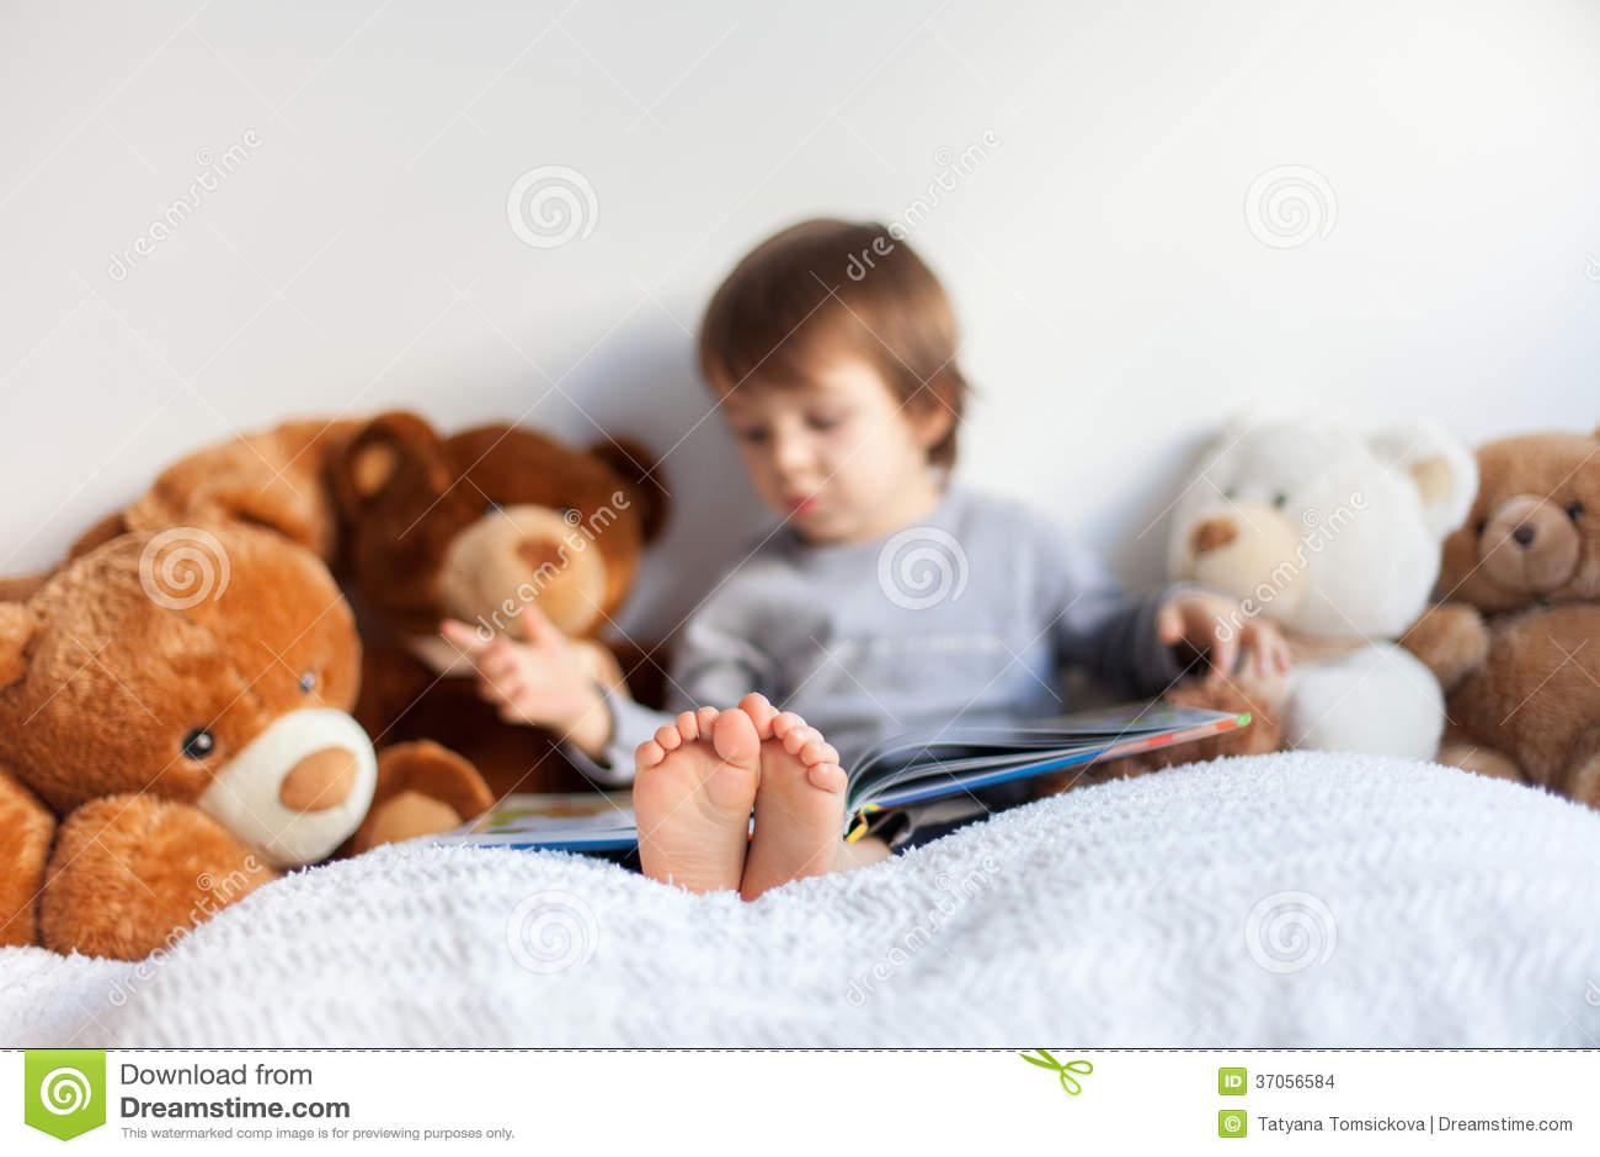 Ni o peque o sent ndose en la cama leyendo un libro foto - Foto nino pequeno ...